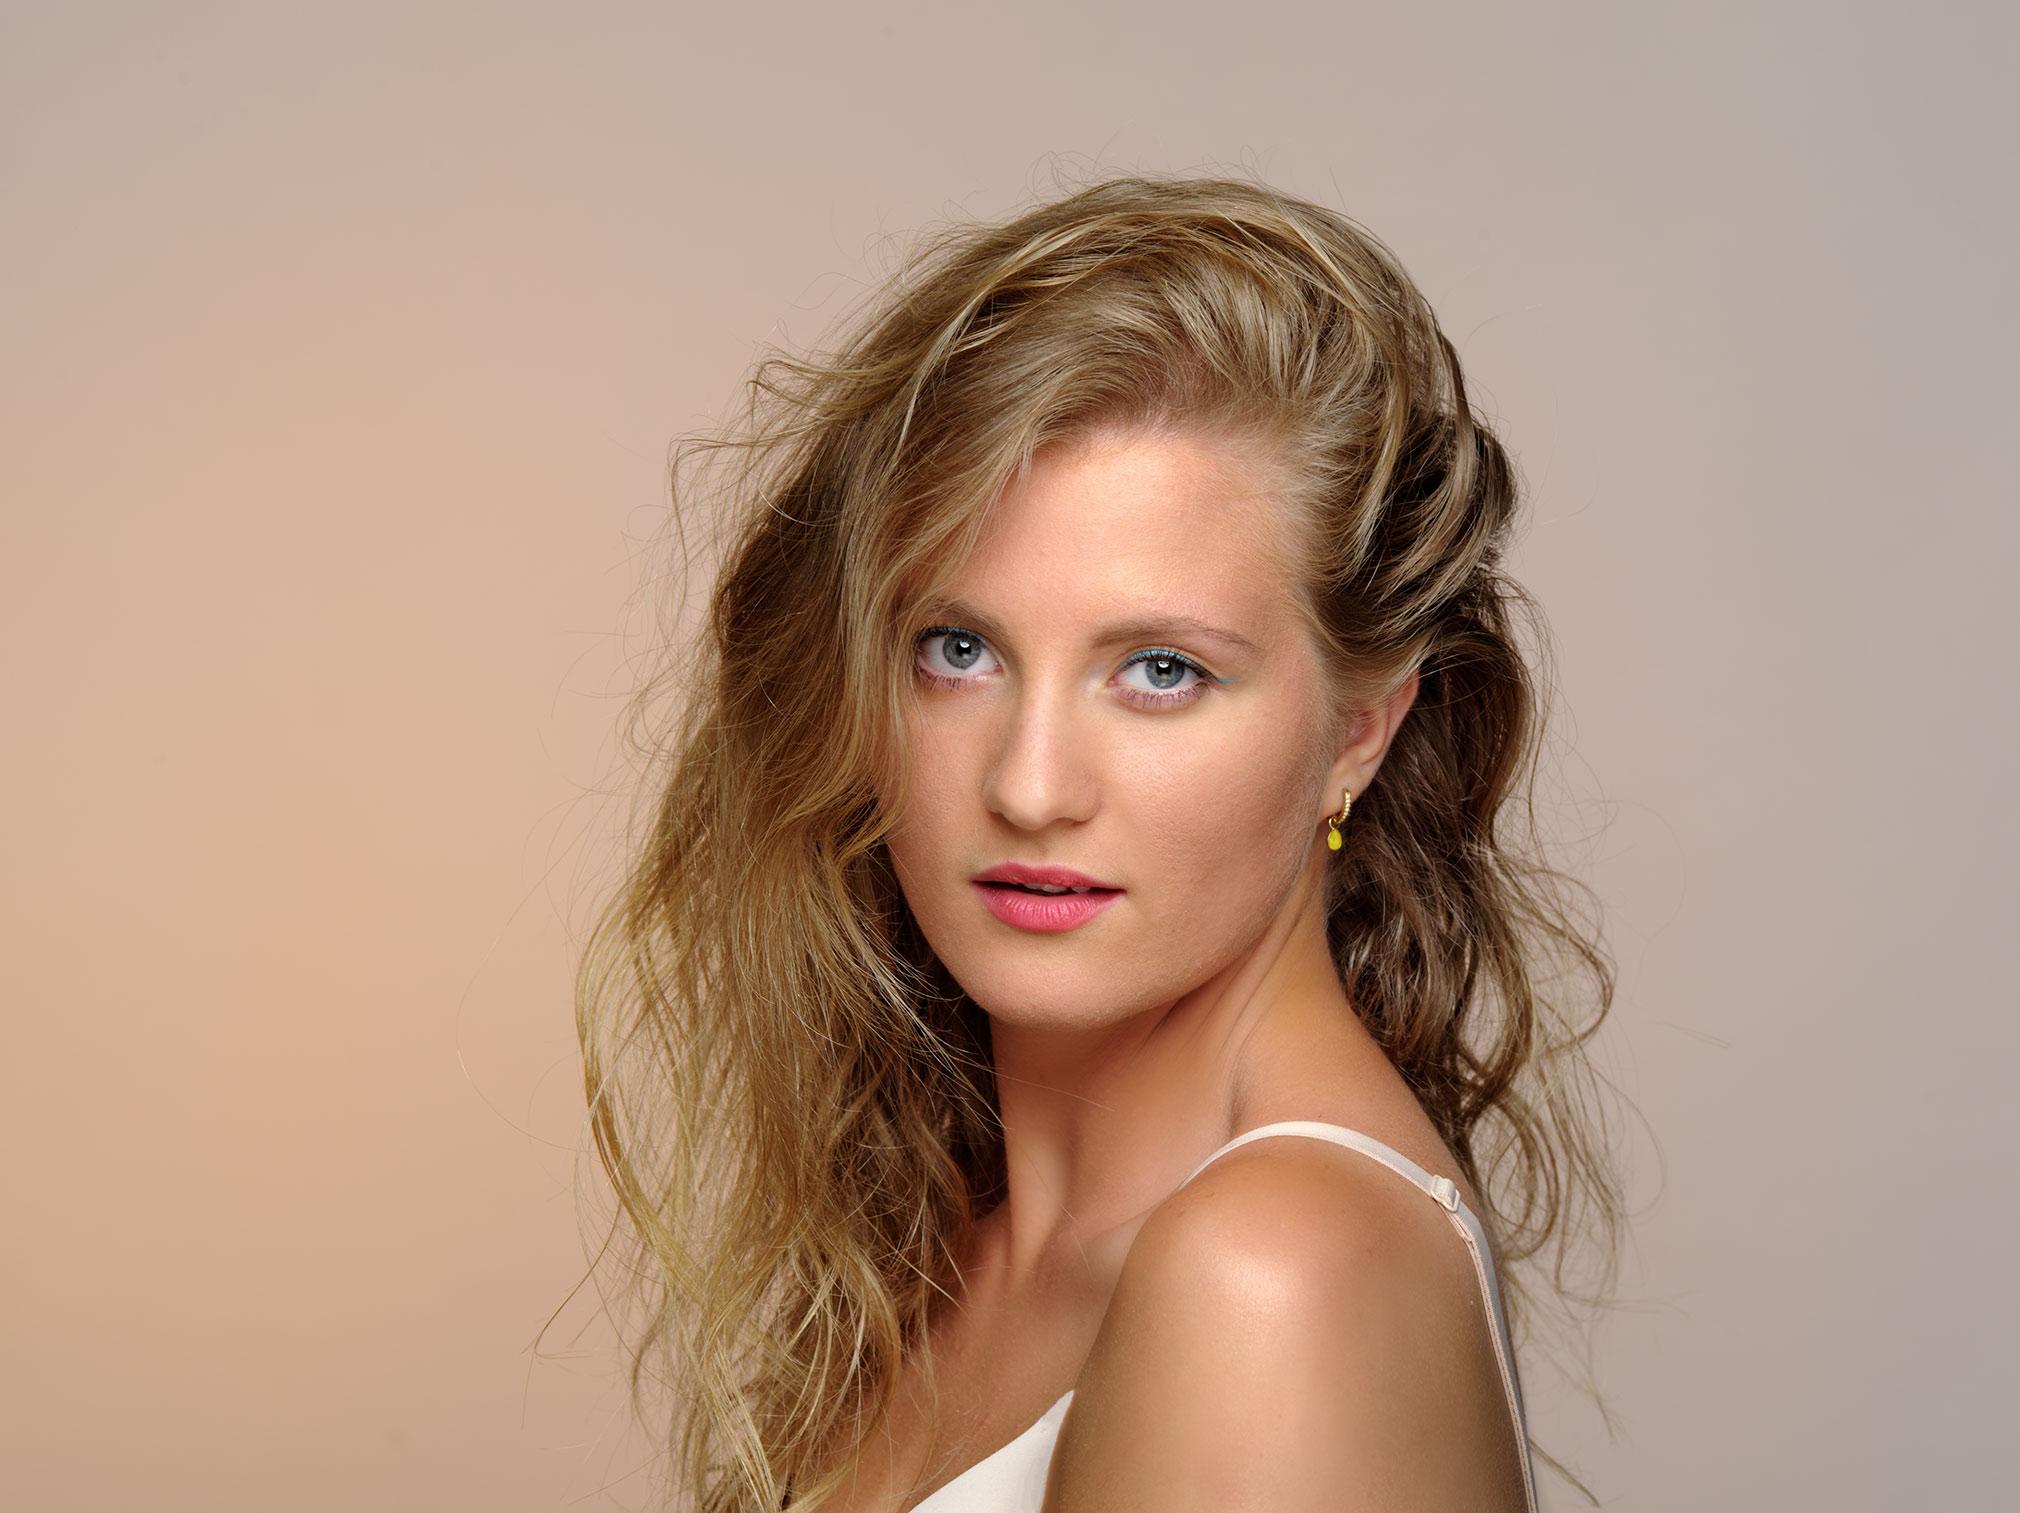 Dieses Bild zeigt ein Beauty Foto einer jungen Frau mit schönen blonden Haaren in sommerlichem look